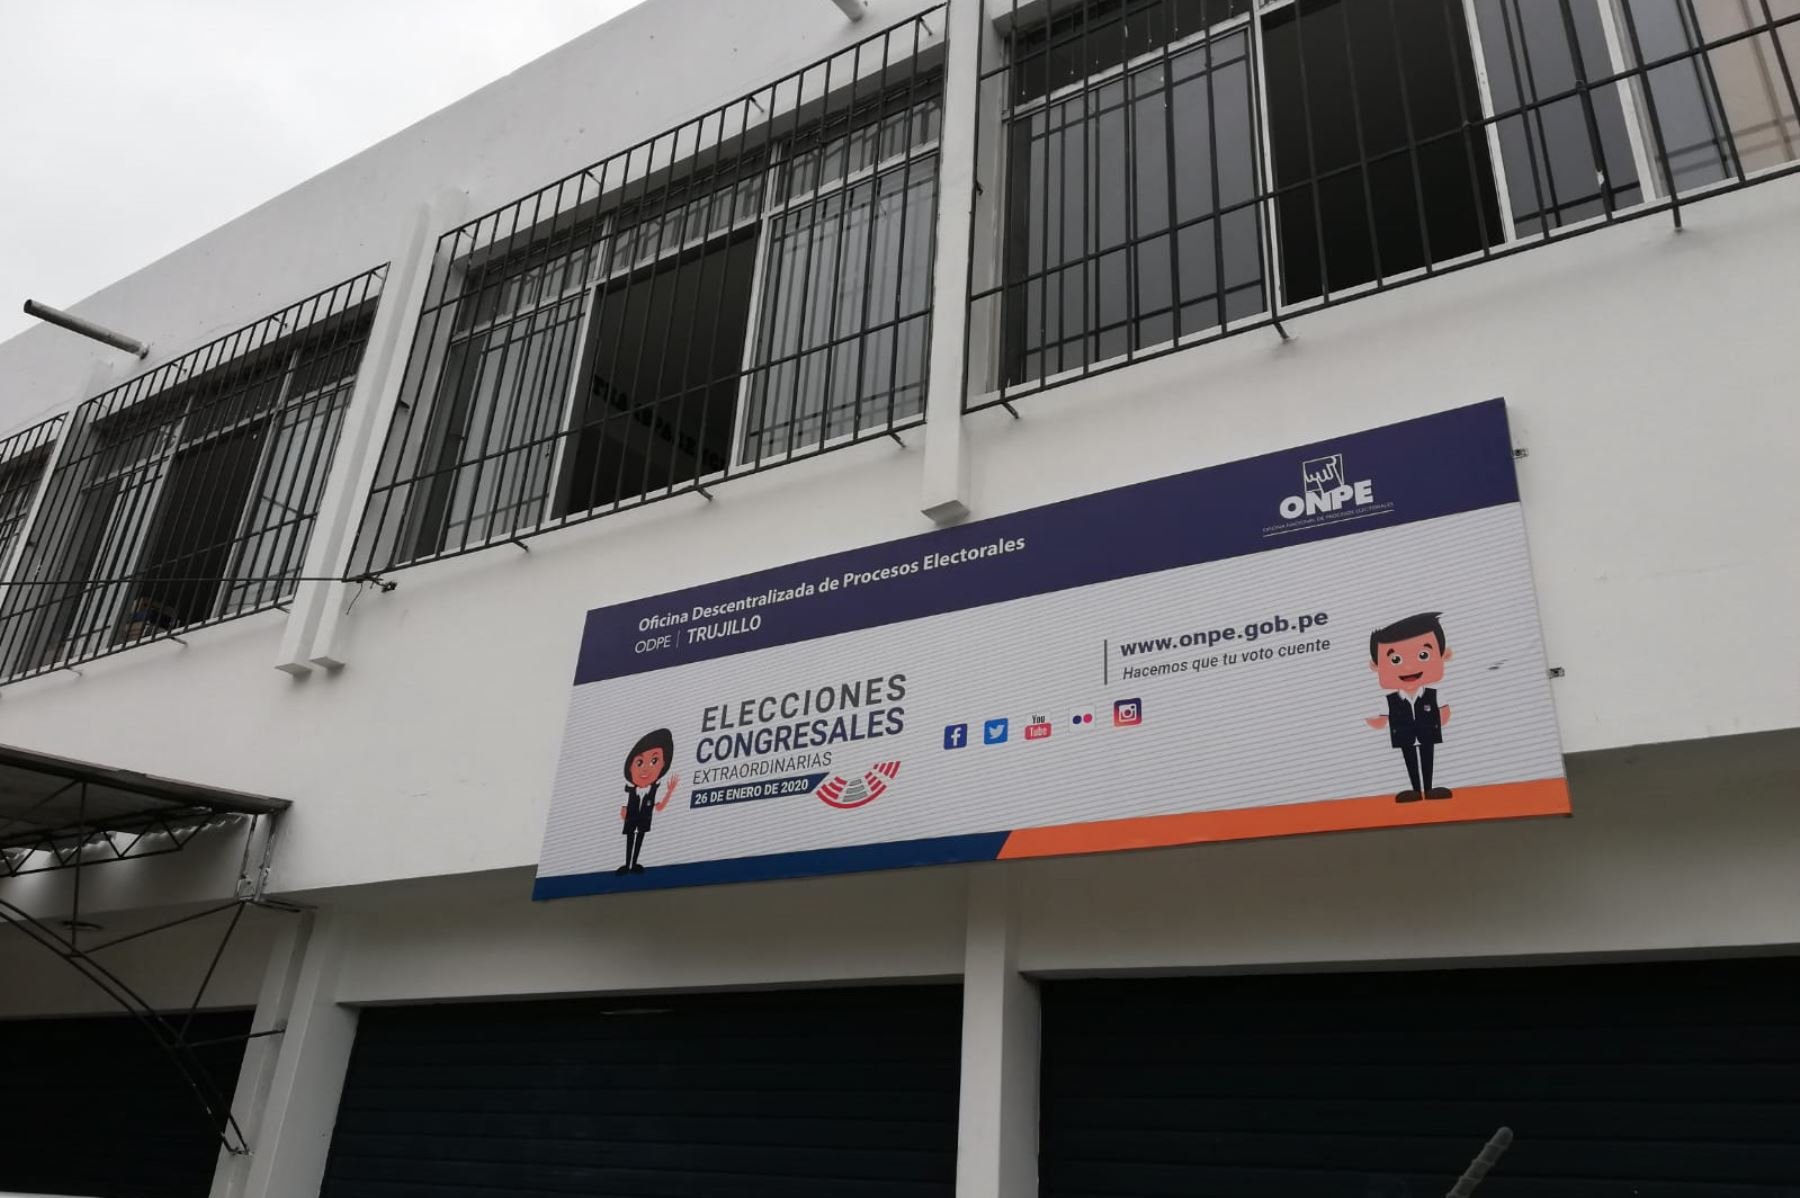 La ODPE Trujillo elegirá a más de 12,900 miembros para 2,100 mesas de sufragio en 100 locales de votación para las Elecciones Congresales Extraordinarias 2020.